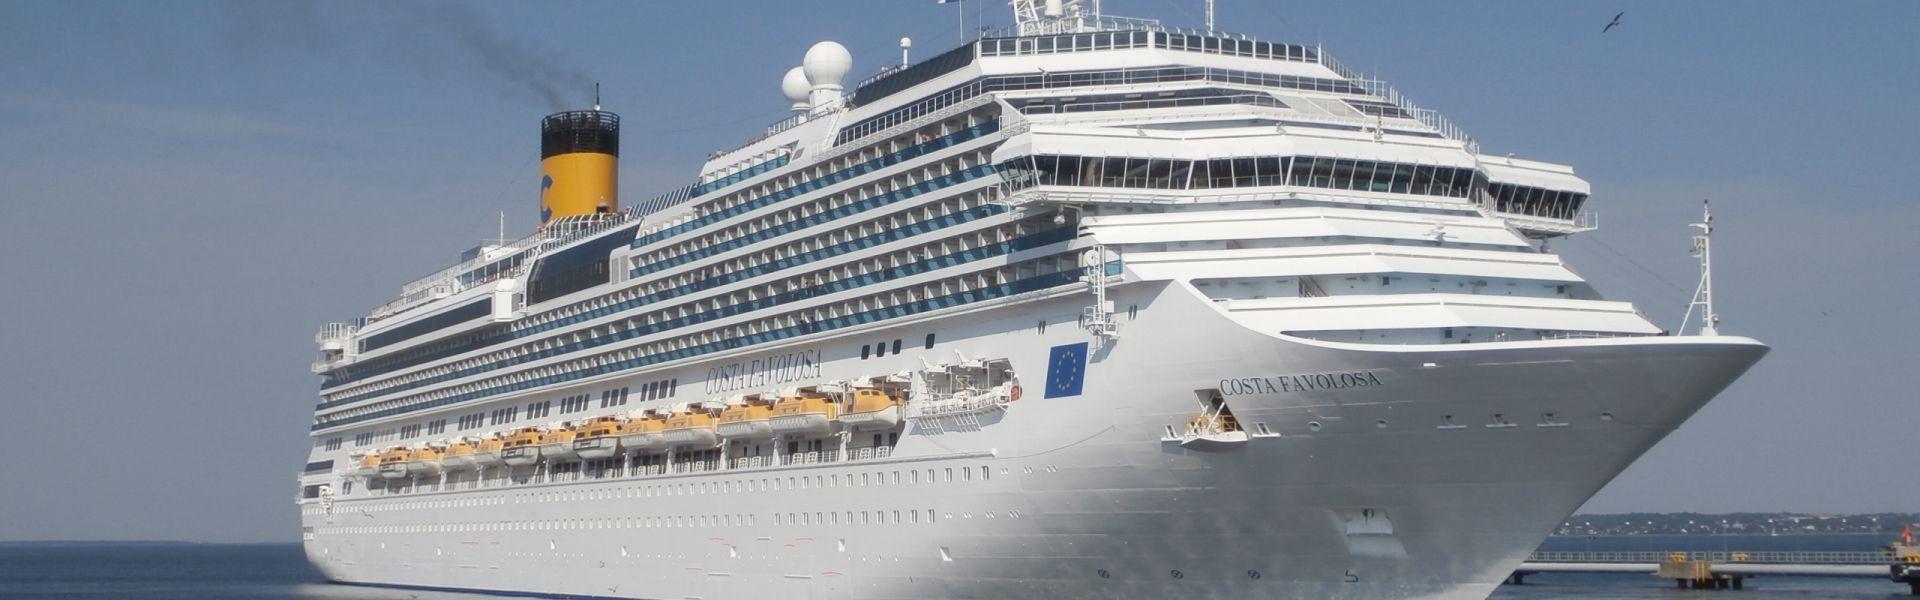 Croaziera 2017 - Transatlantic si Repozitionari (La Romana) - Costa Cruises - Costa Favolosa - 19 nopti